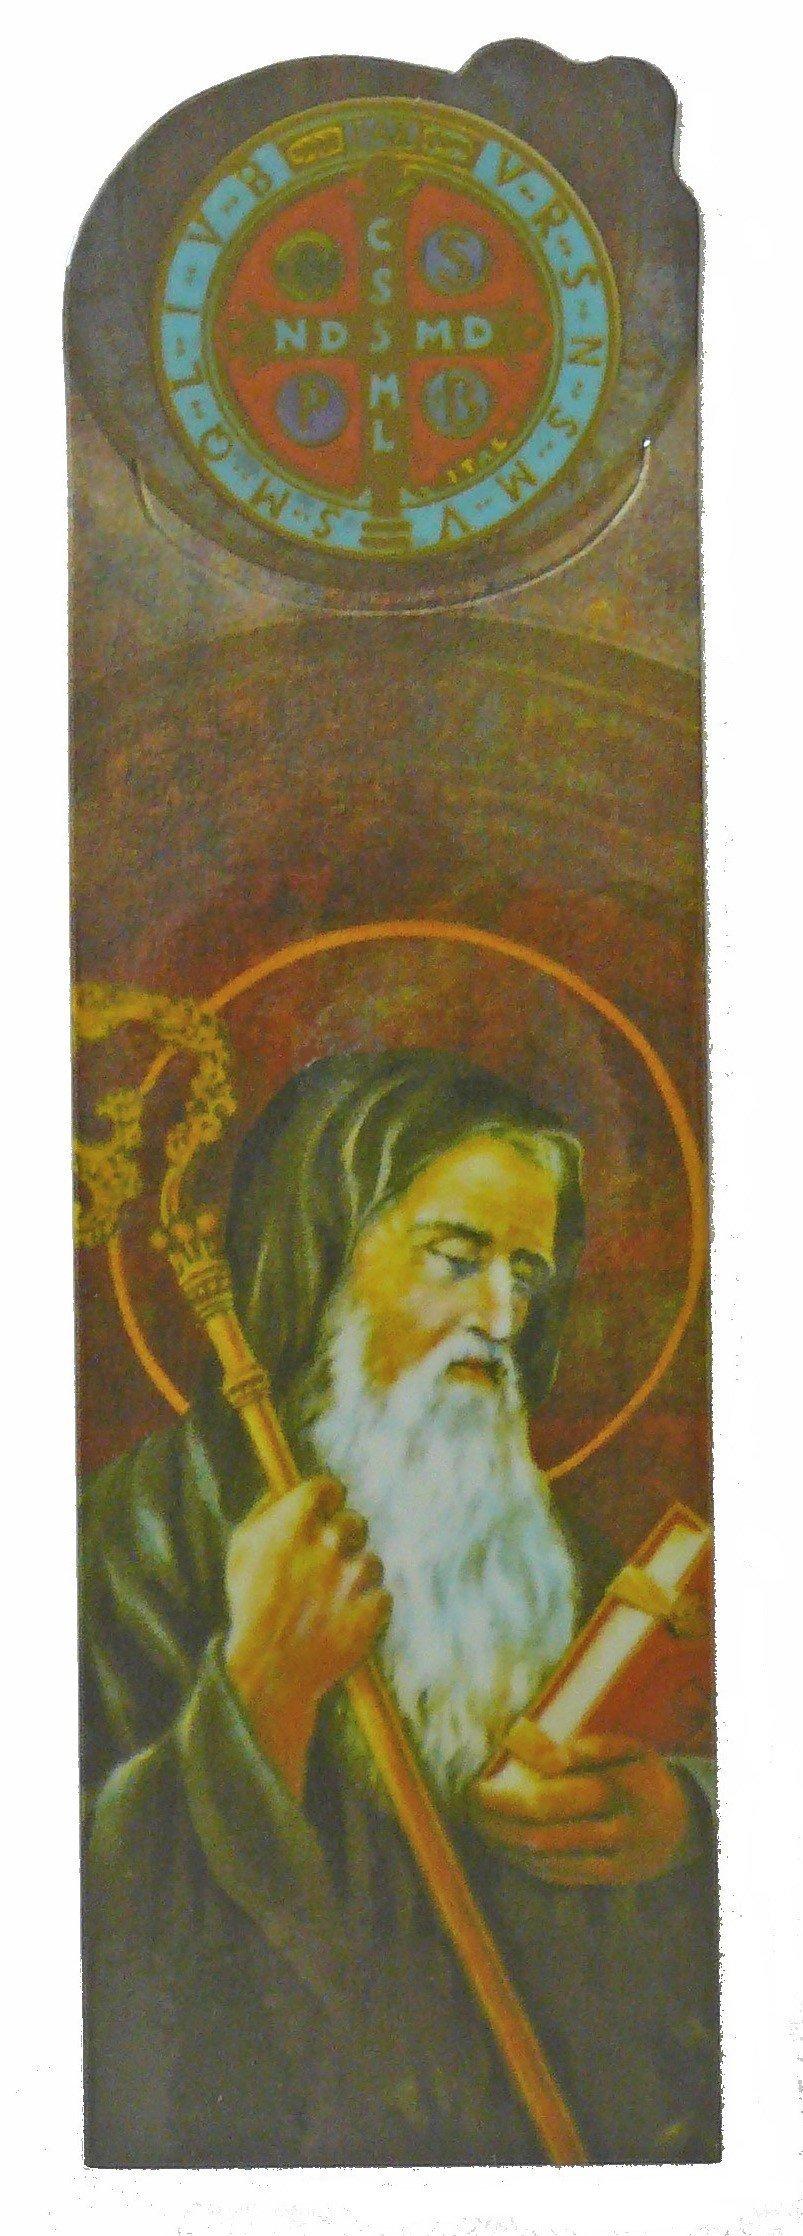 Signet de Saint Benoit